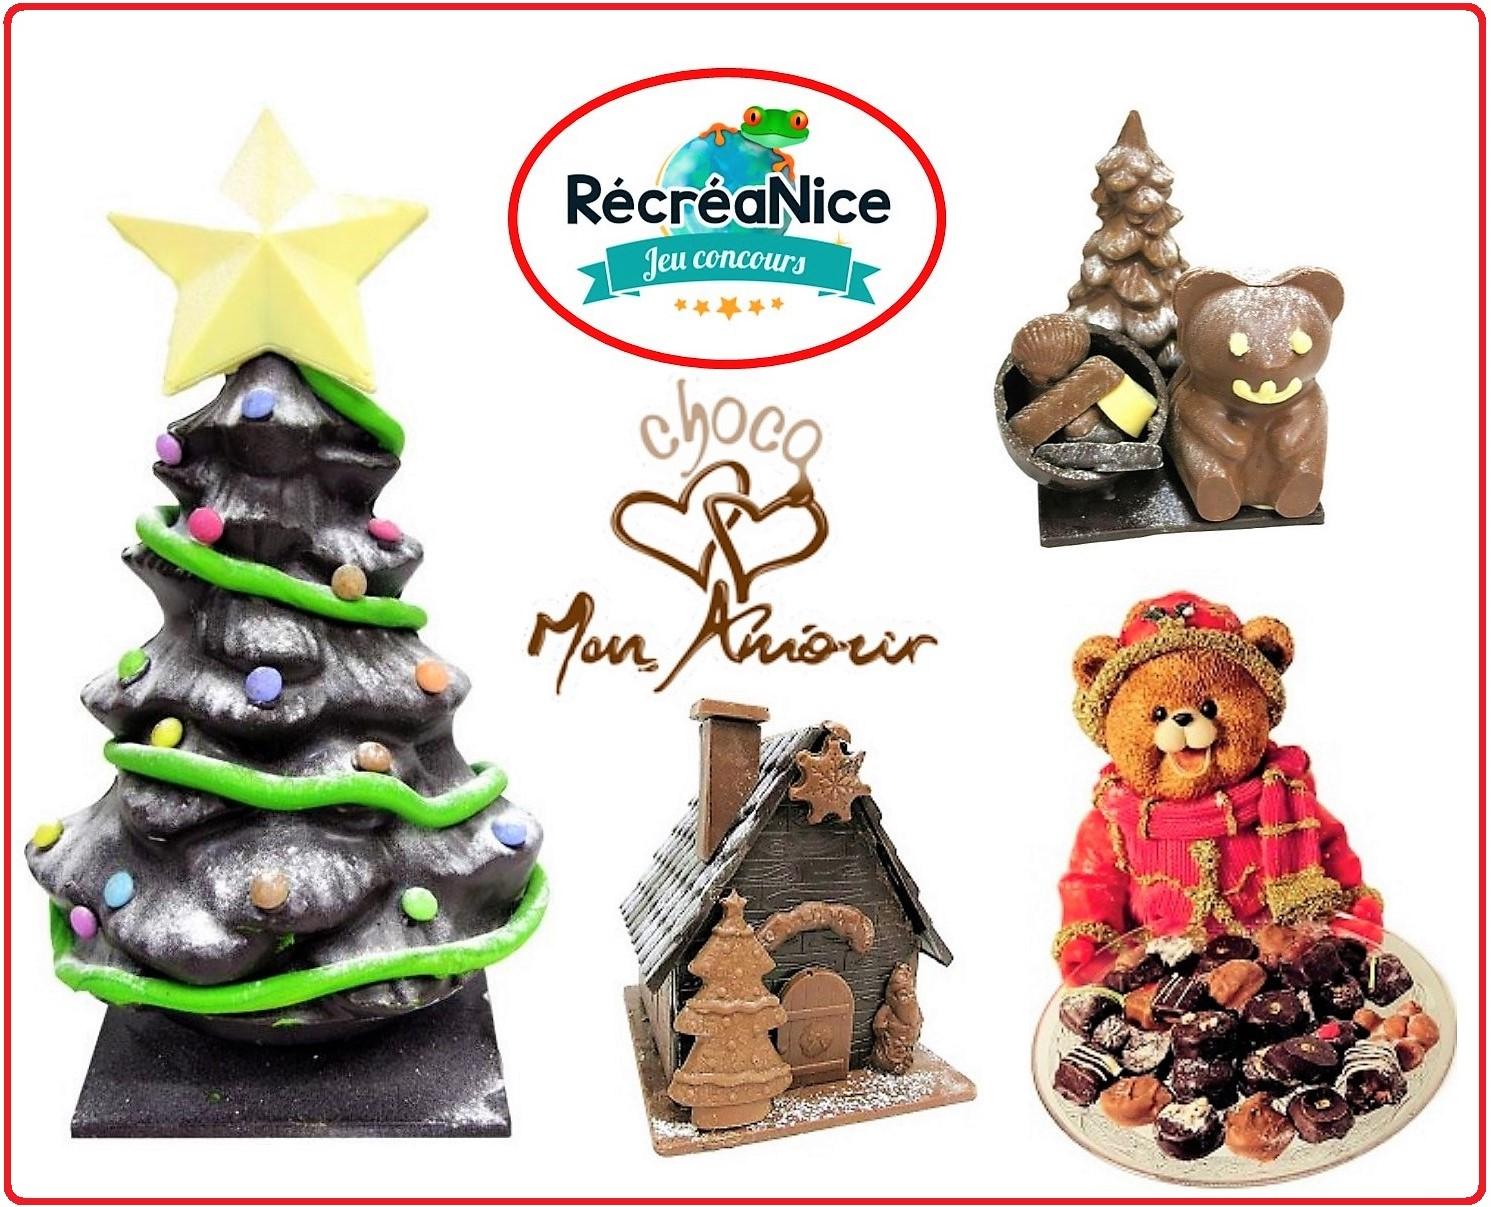 jeu concours chocolats de no l avec choco mon amour les gagnants r cr anice. Black Bedroom Furniture Sets. Home Design Ideas